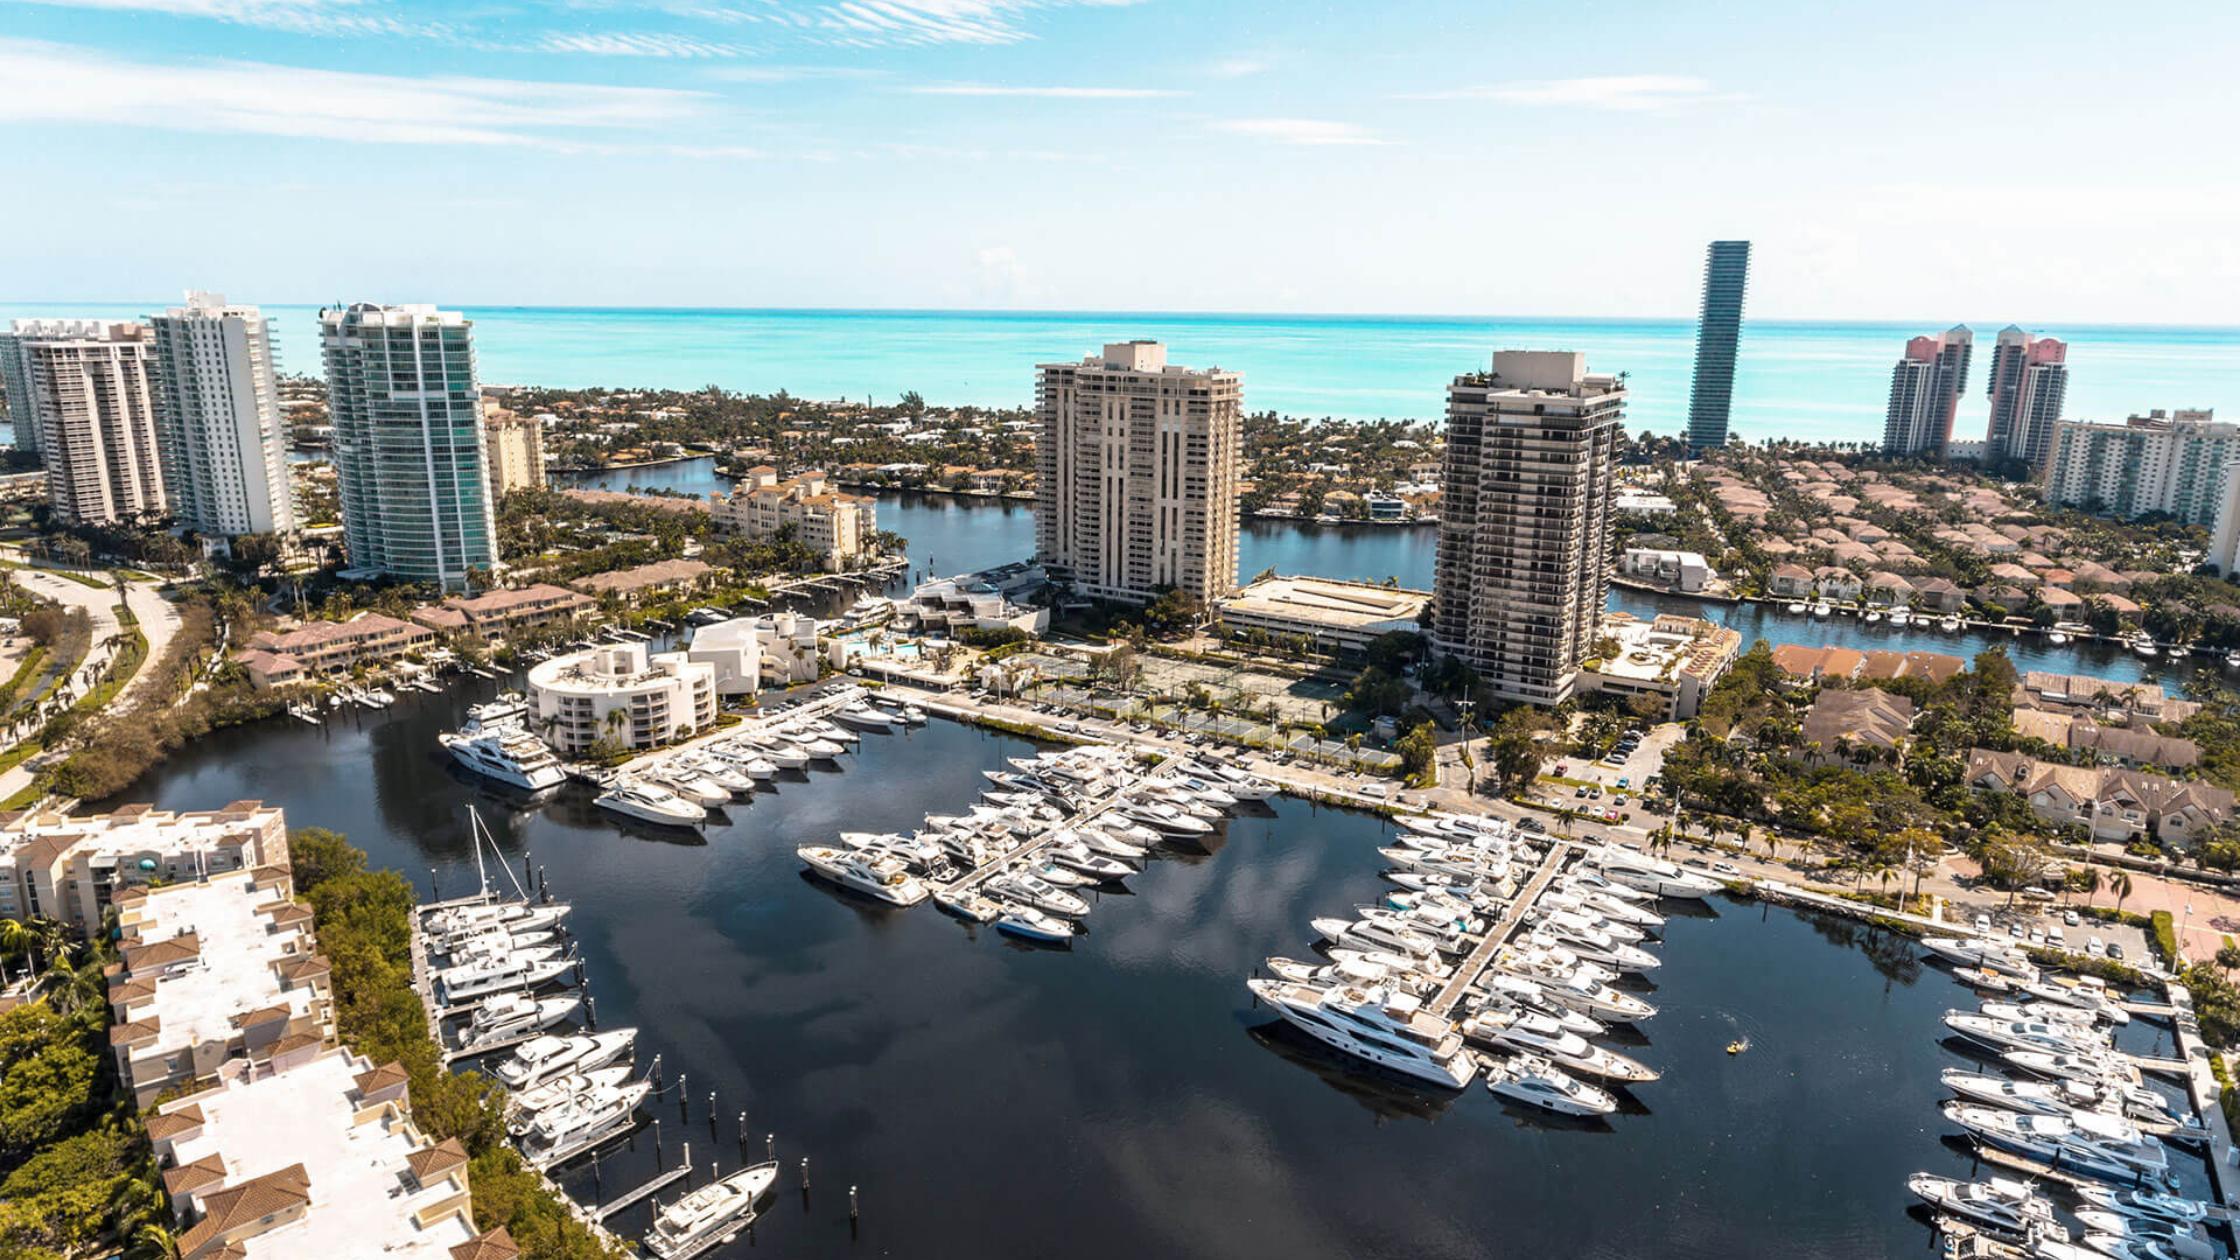 Marina Spotlight: Miami Florida's Turnberry Marina